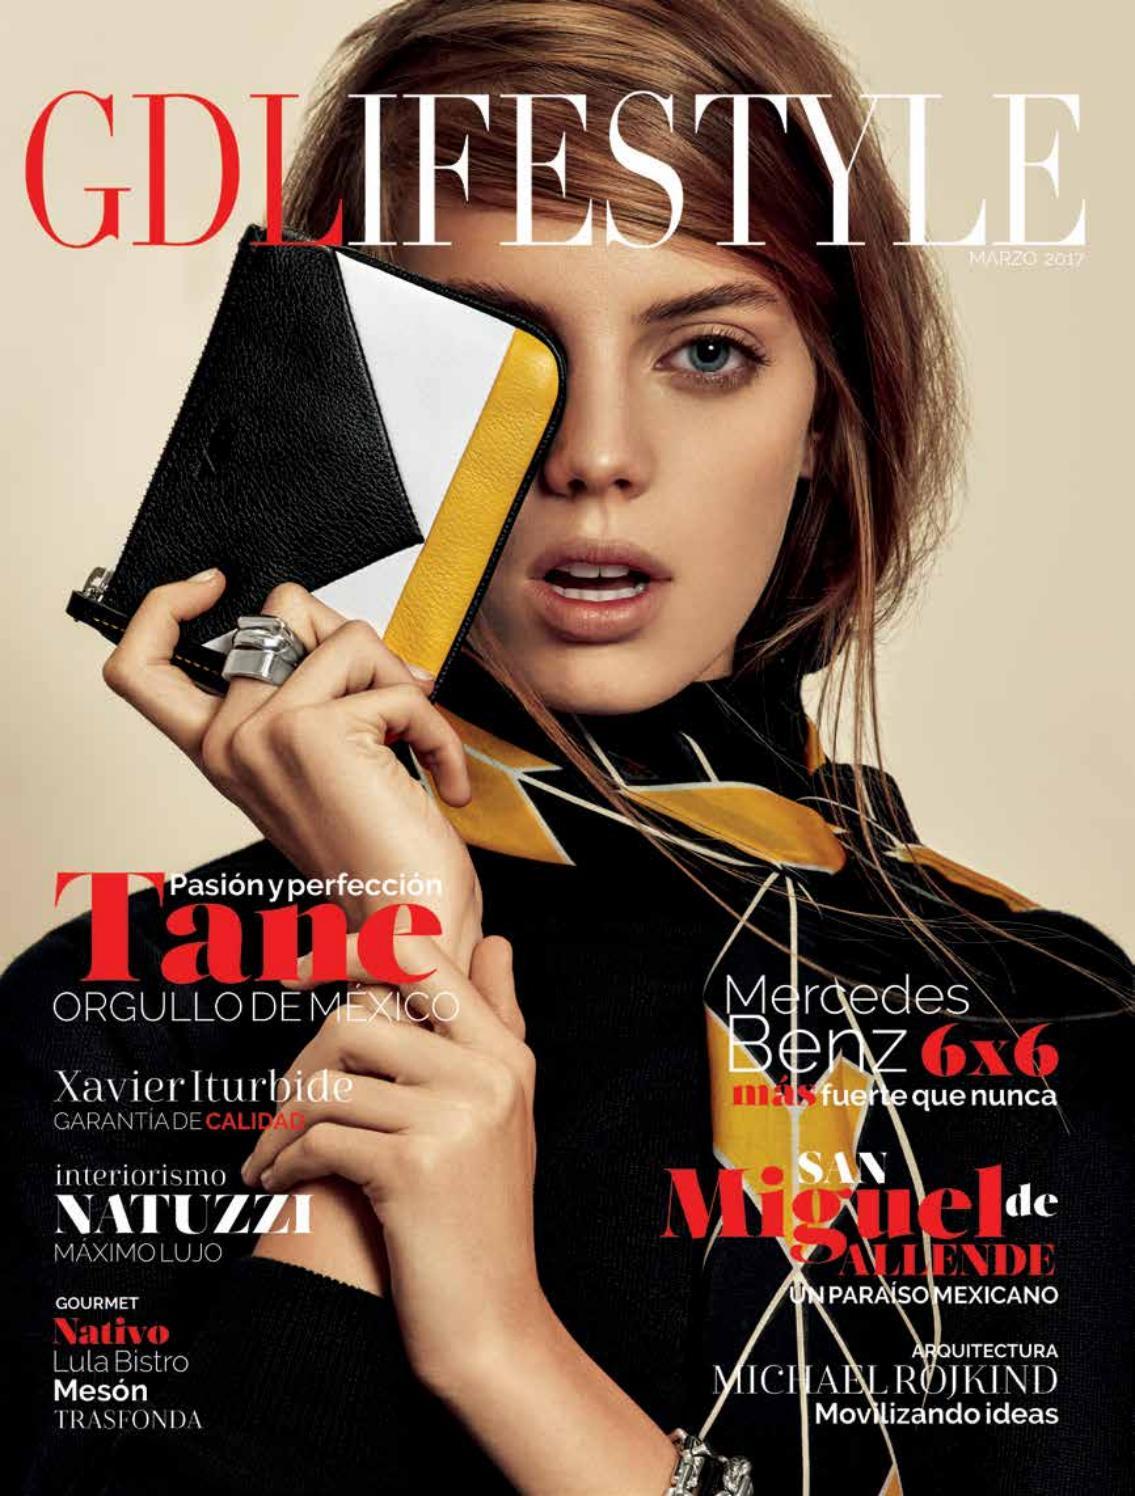 GDLifestyle Marzo 2017 by GDLIFESTYLE - issuu